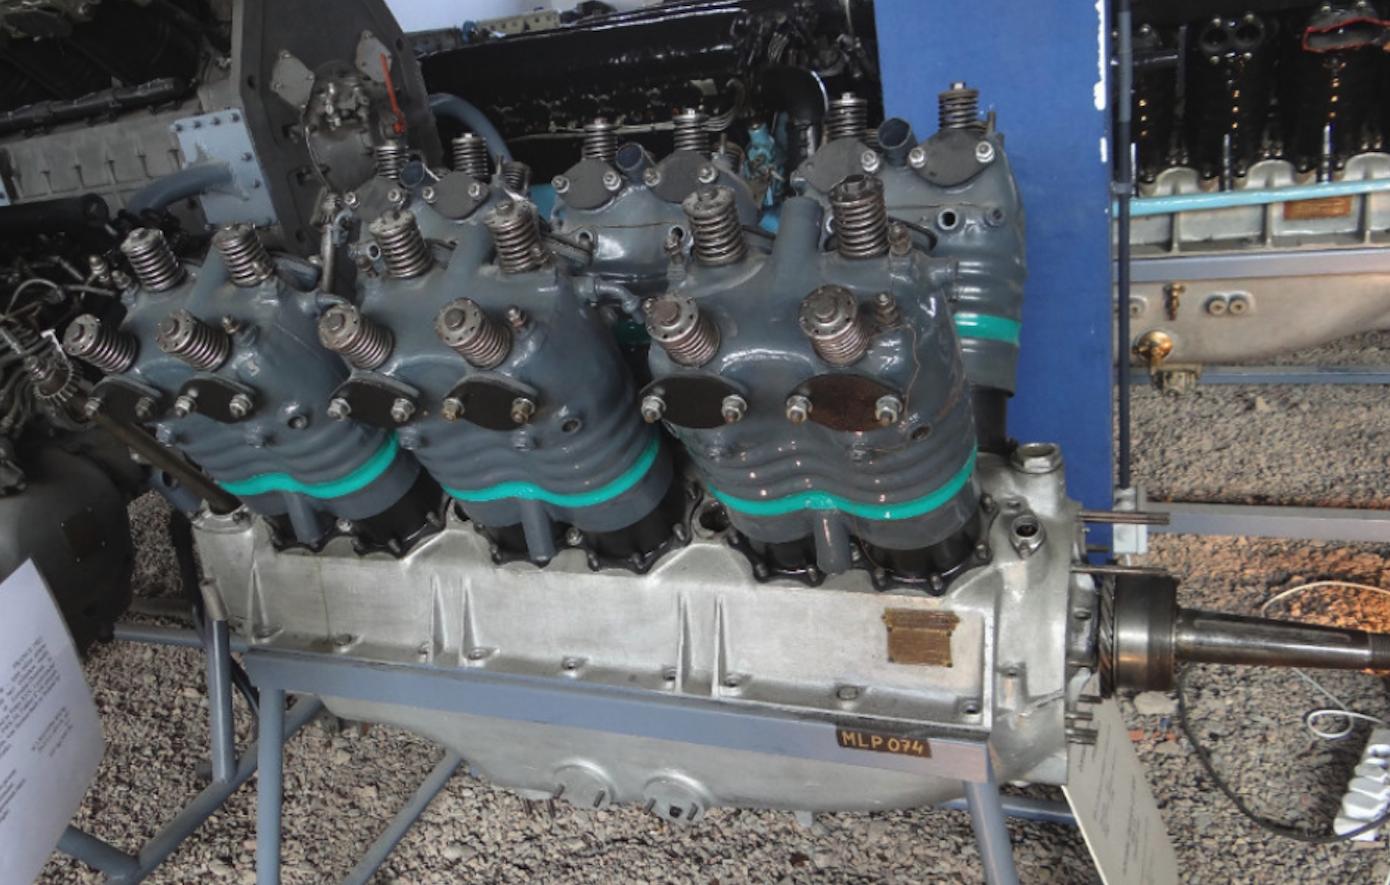 Silnik Lorraine Dietrich 12 Db, o mocy 415 KM. 2017 rok. Zdjęcie Karol Placha Hetman